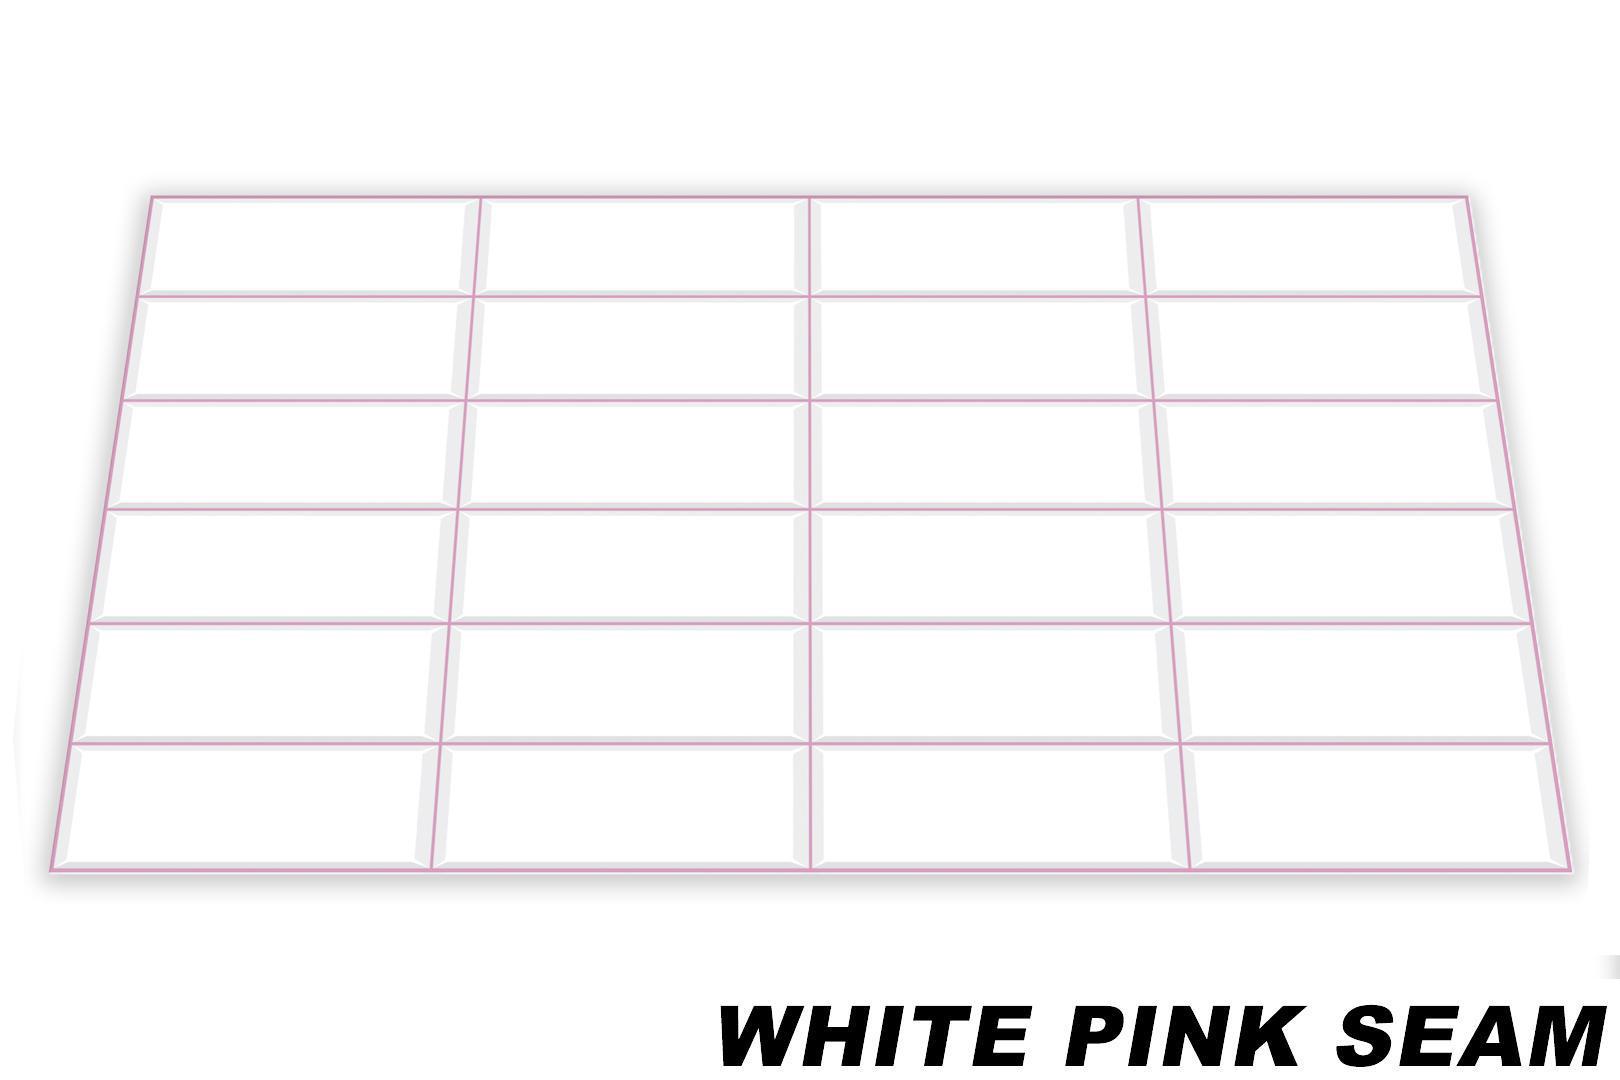 White pink seam originalbild